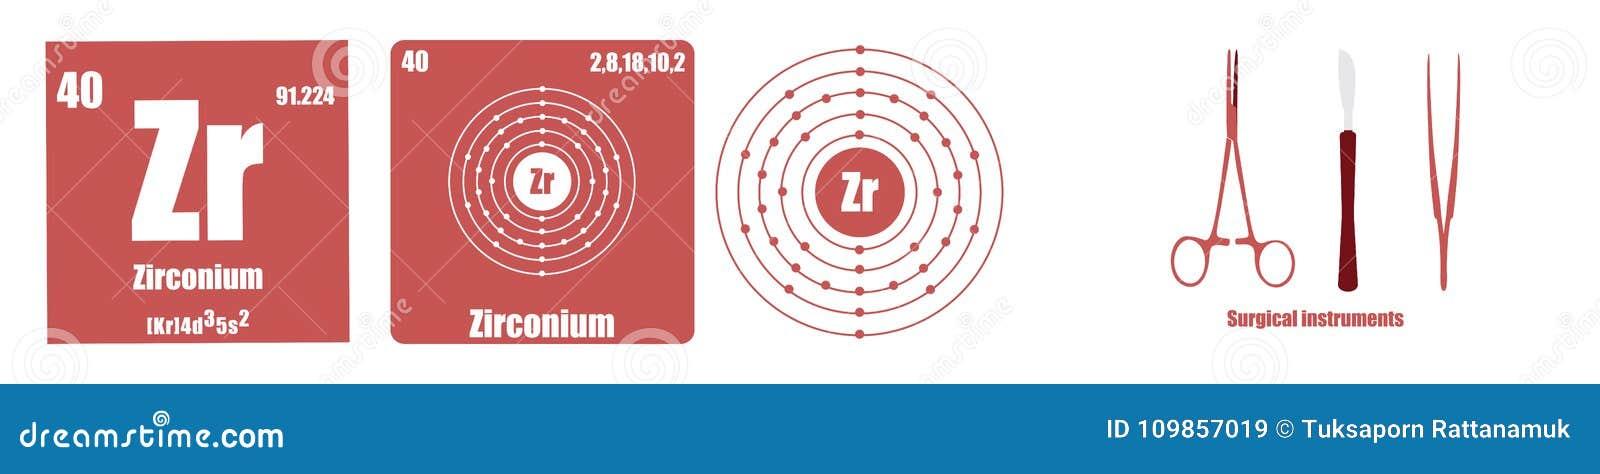 Tabla peridica de circonio de los metales de transicin del download tabla peridica de circonio de los metales de transicin del elemento ilustracin del vector urtaz Choice Image